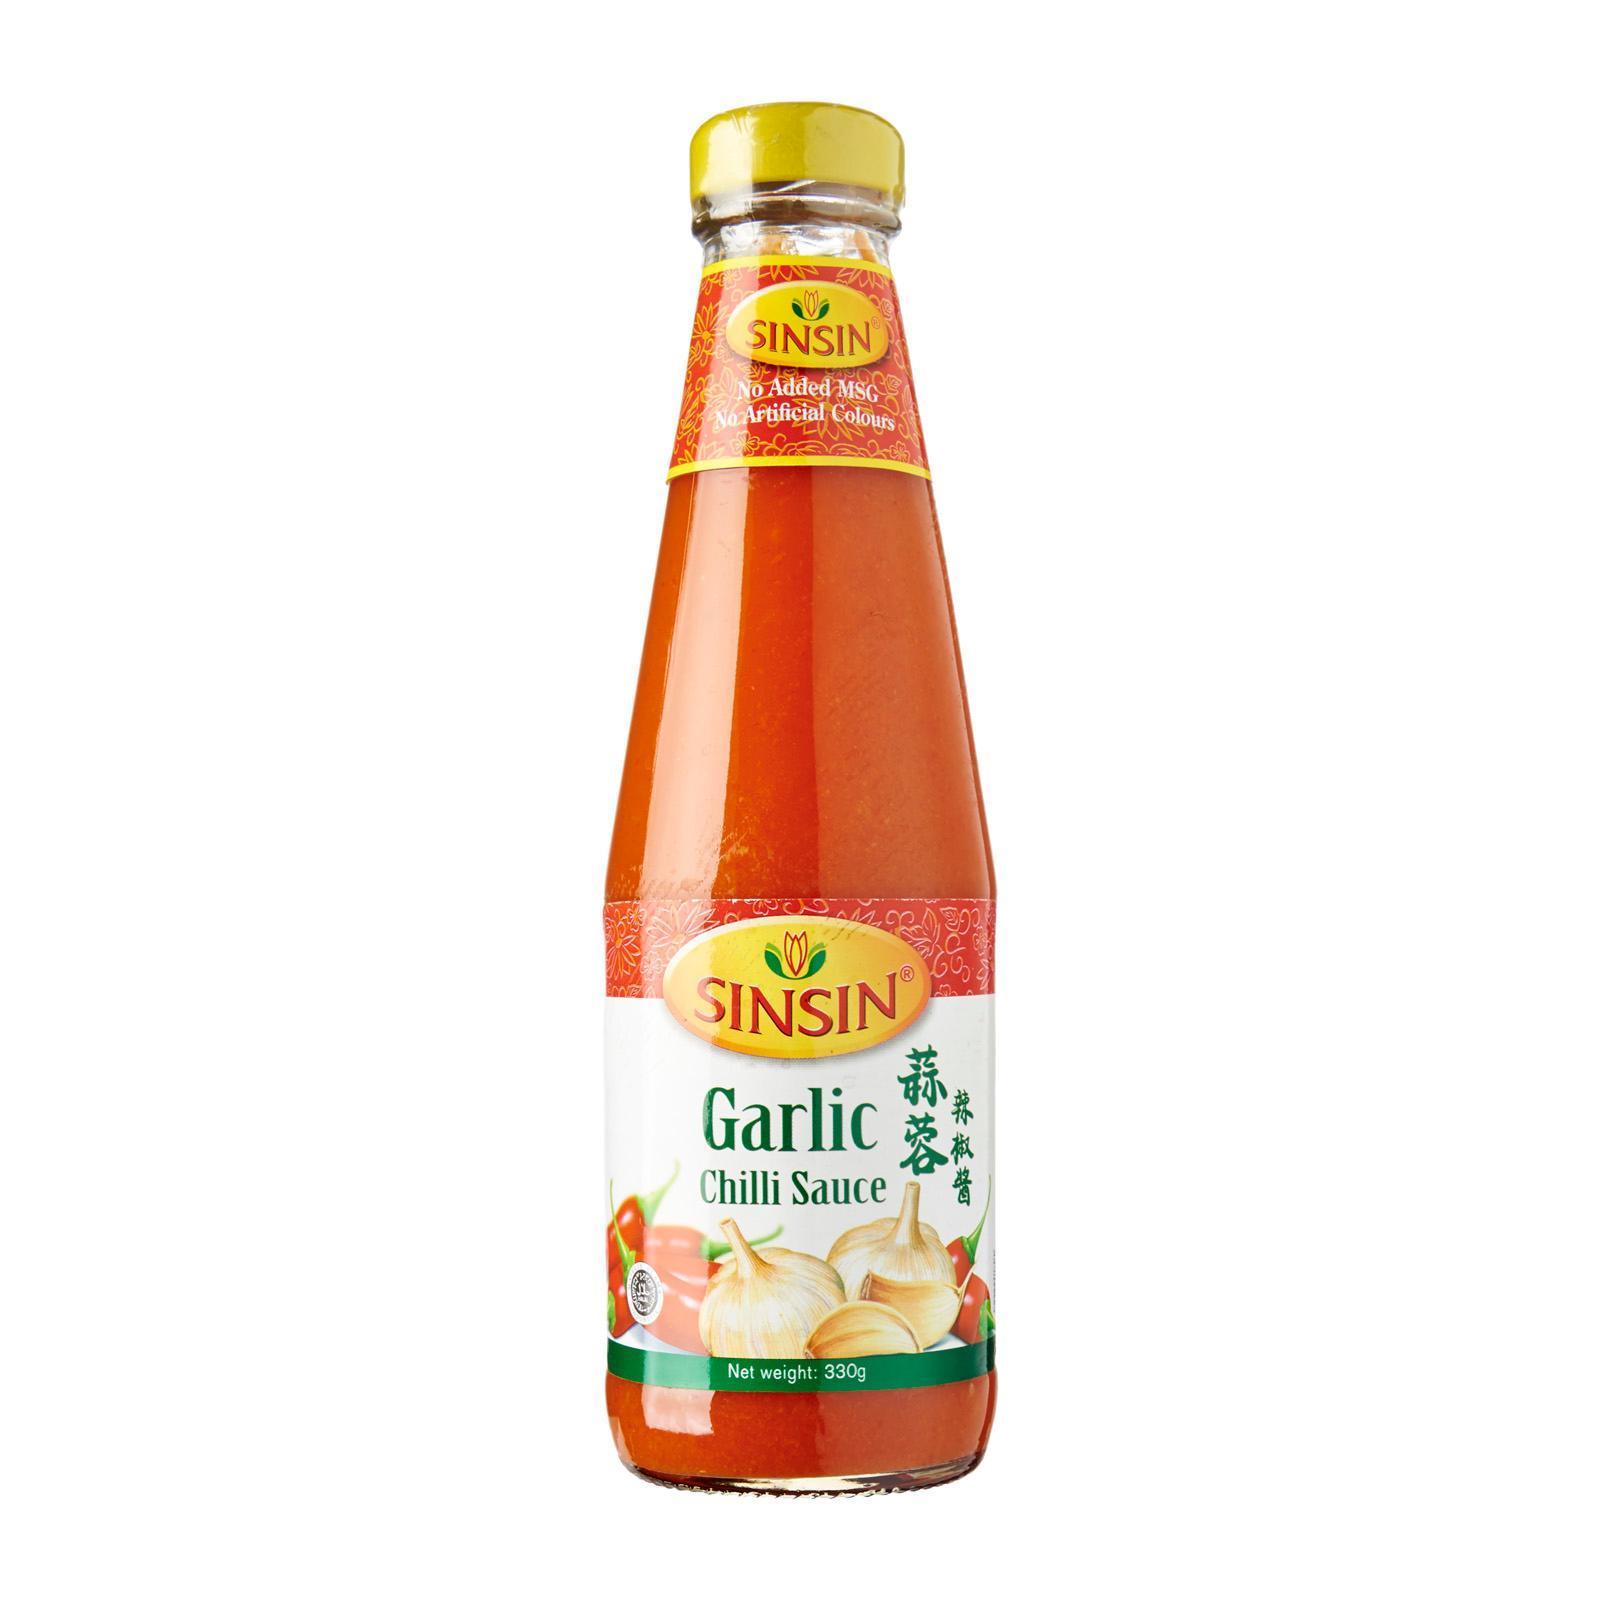 Sinsin Garlic Chilli Sauce